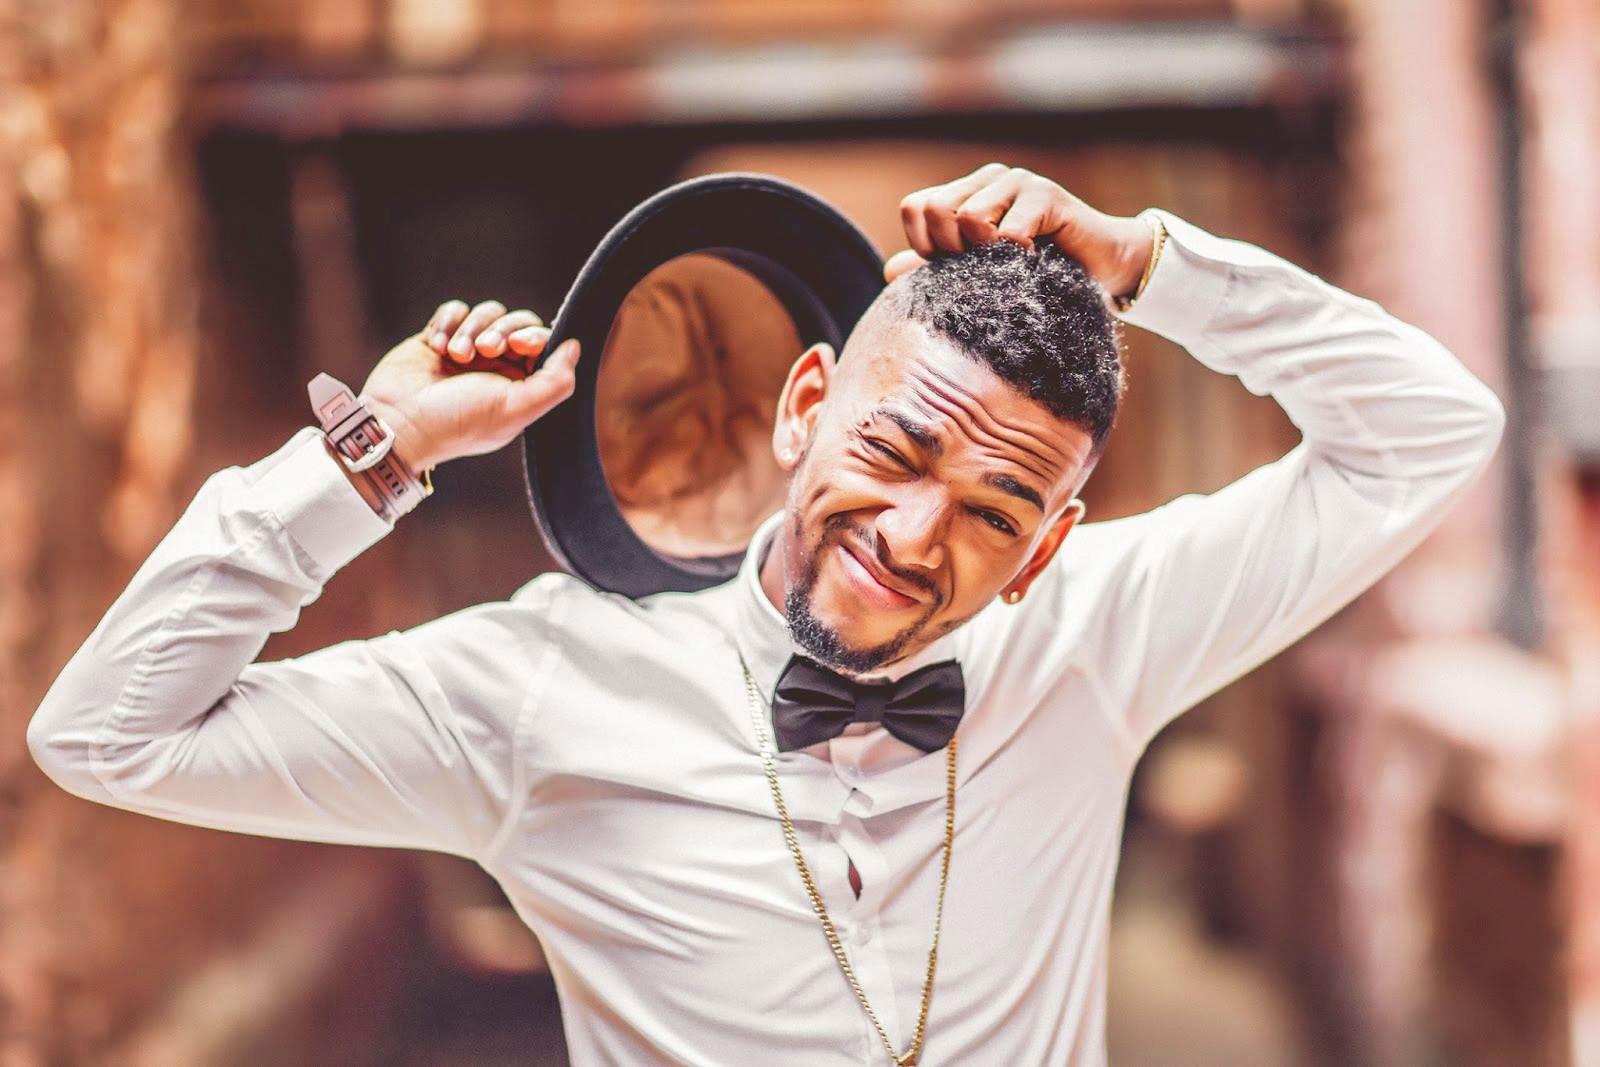 Apresentação do cantor Nego do Borel em Goiânia promete fechar com chave de ouro carnaval dos goianienses | Foto: Divulgação